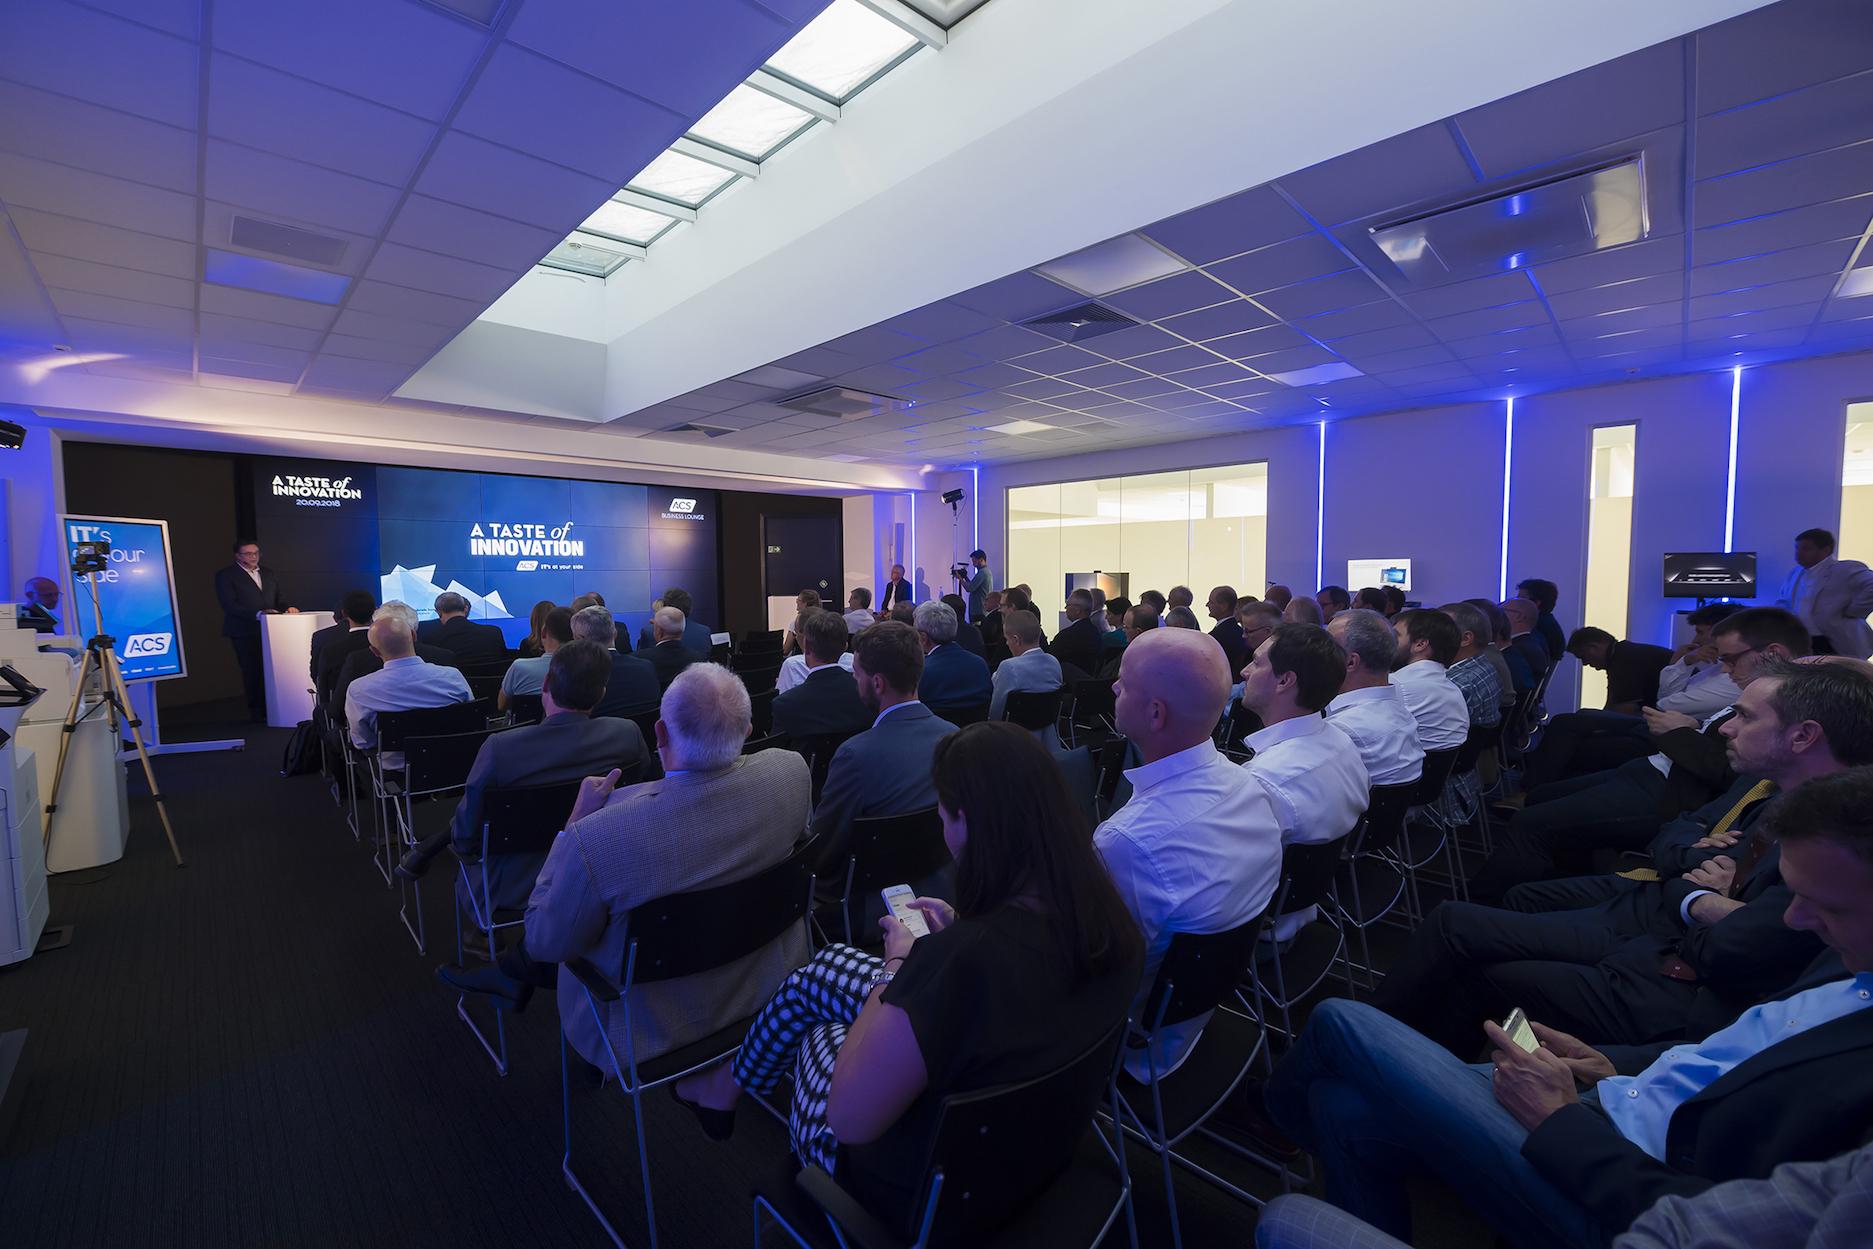 Evento_VIP_01-Gabriele Sommavilla, CEO ACS Data Systems, da il benvenuto ai partecipanti